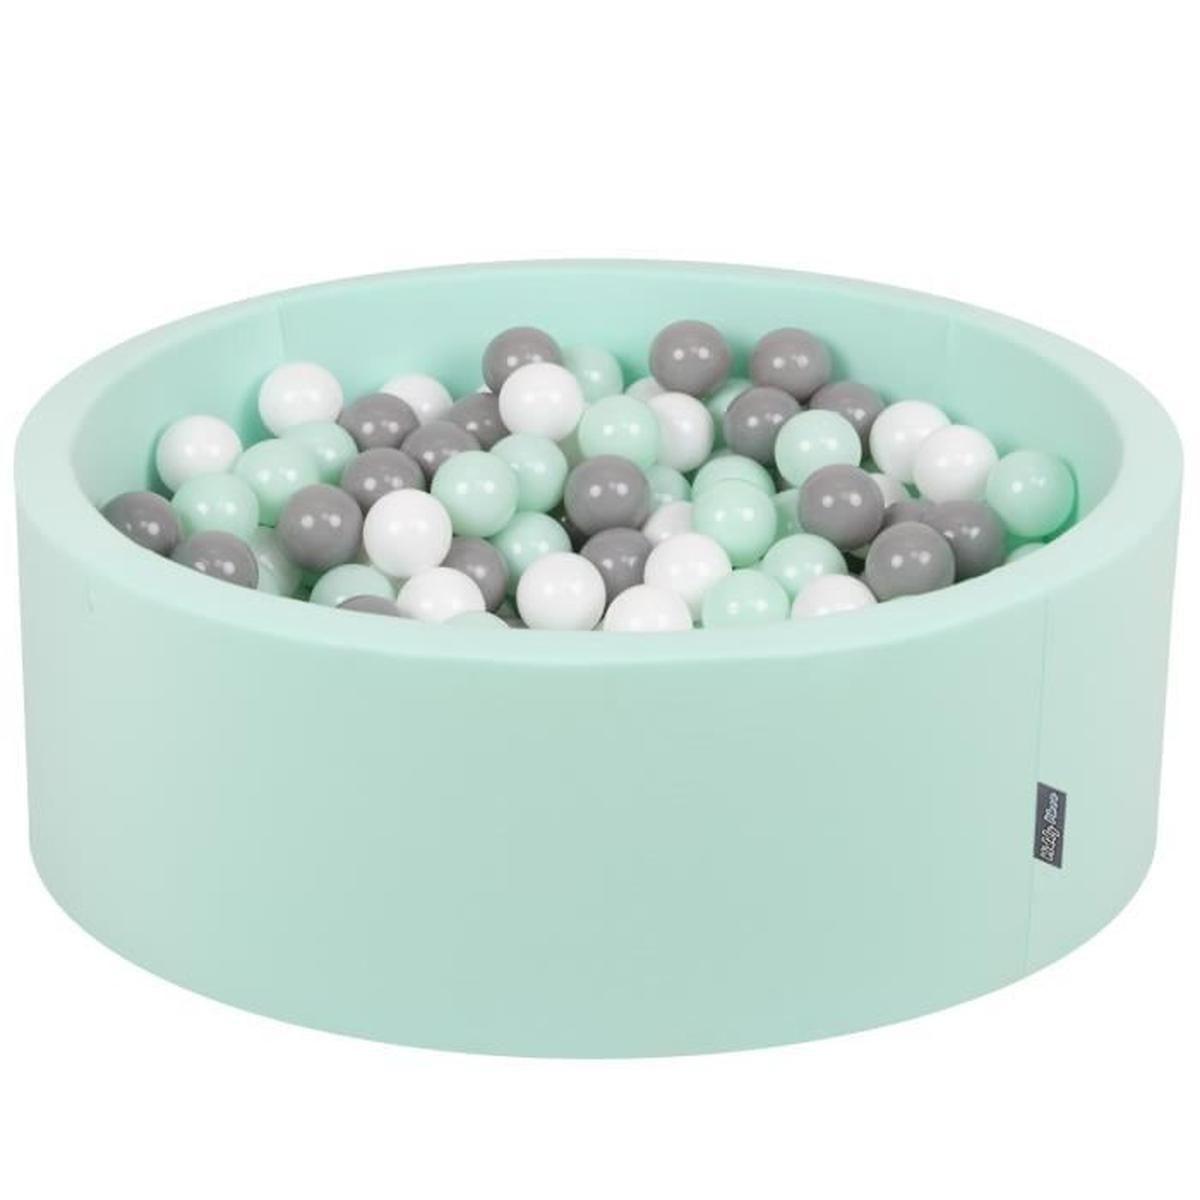 Kiddymoon 90X30Cm/200 Balles ∅ 7Cm Piscine À Balles Pour ... à Piscine A Balle En Mousse